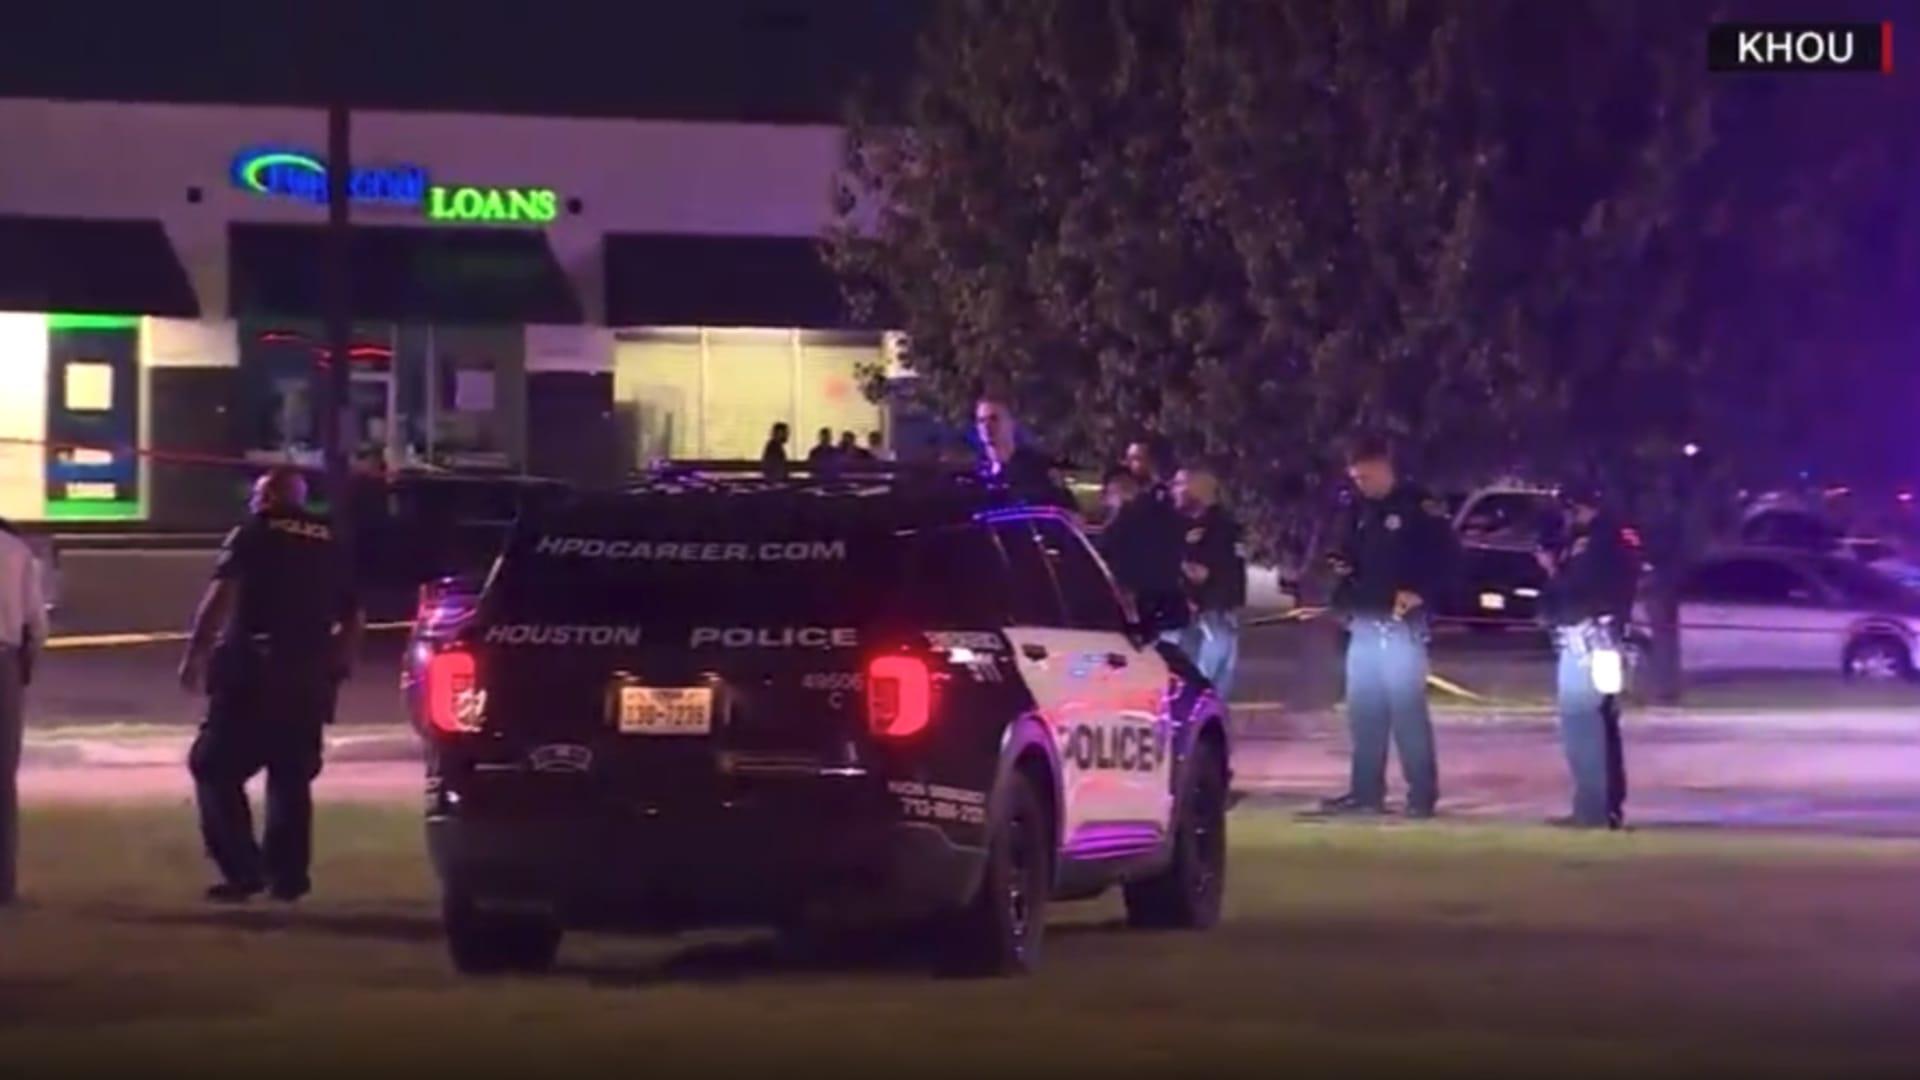 قتلوا ضابط وجرحوا آخرين.. شاهد كيف خدع مسلحون عناصر الشرطة الأمريكية thumbnail